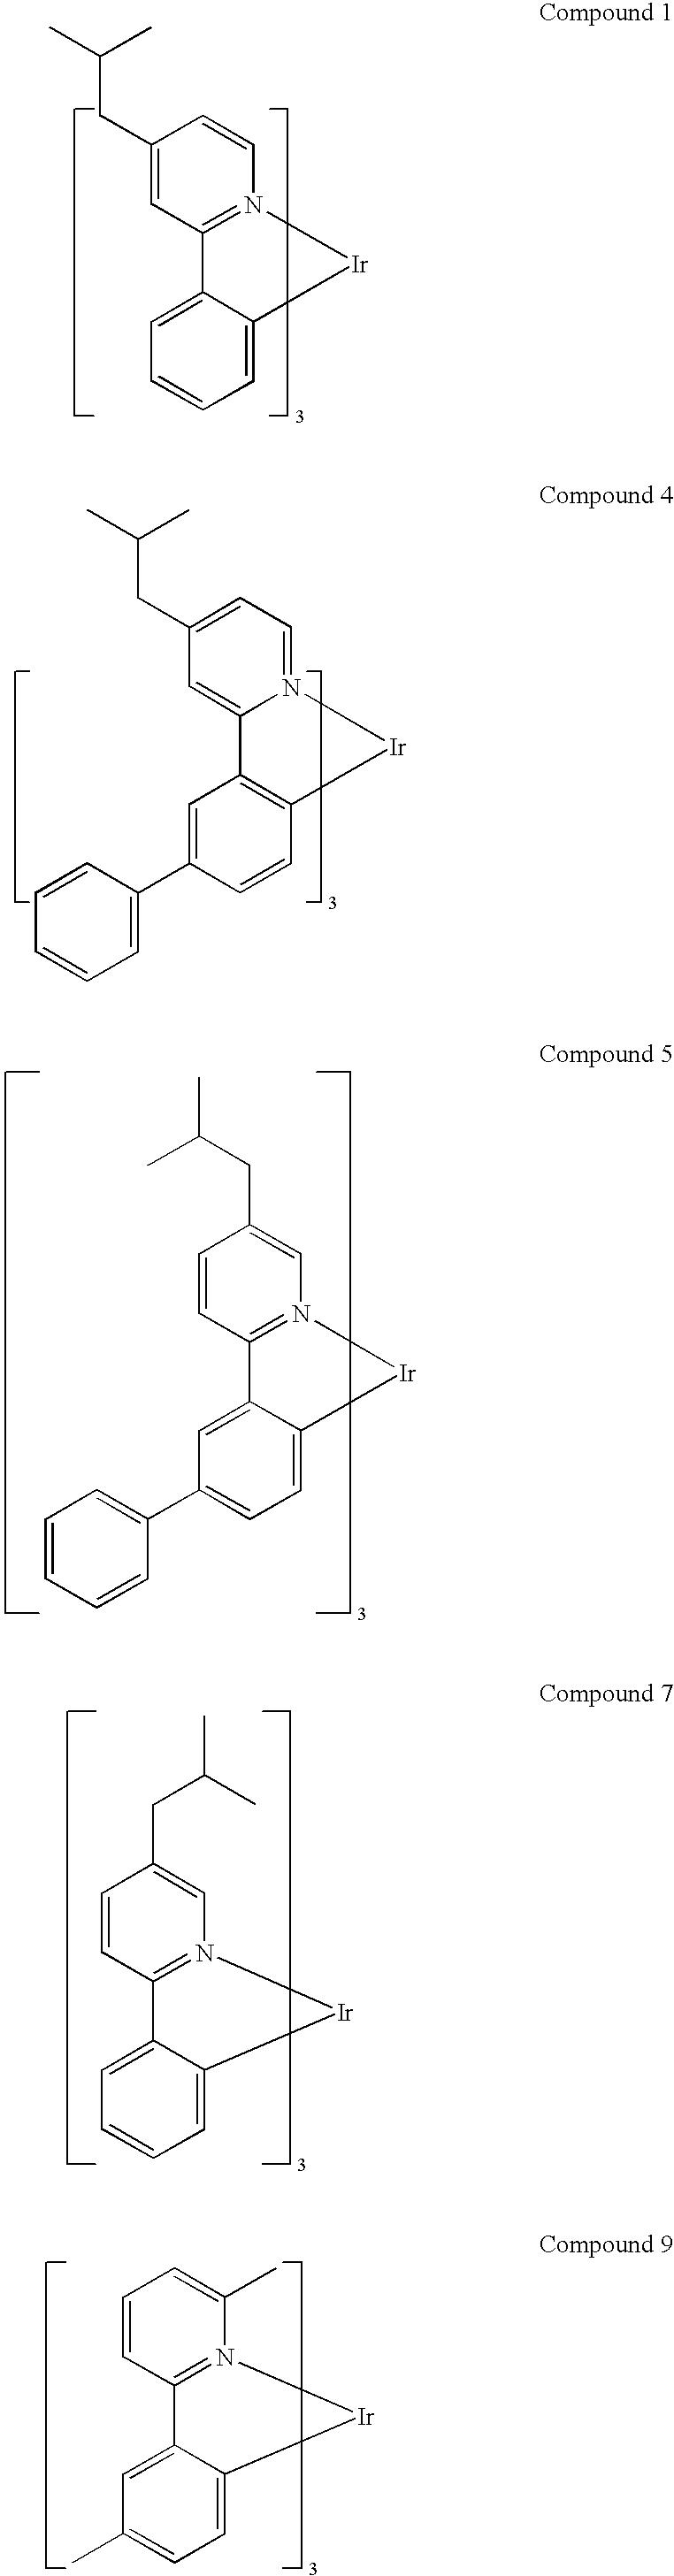 Figure US20090108737A1-20090430-C00244